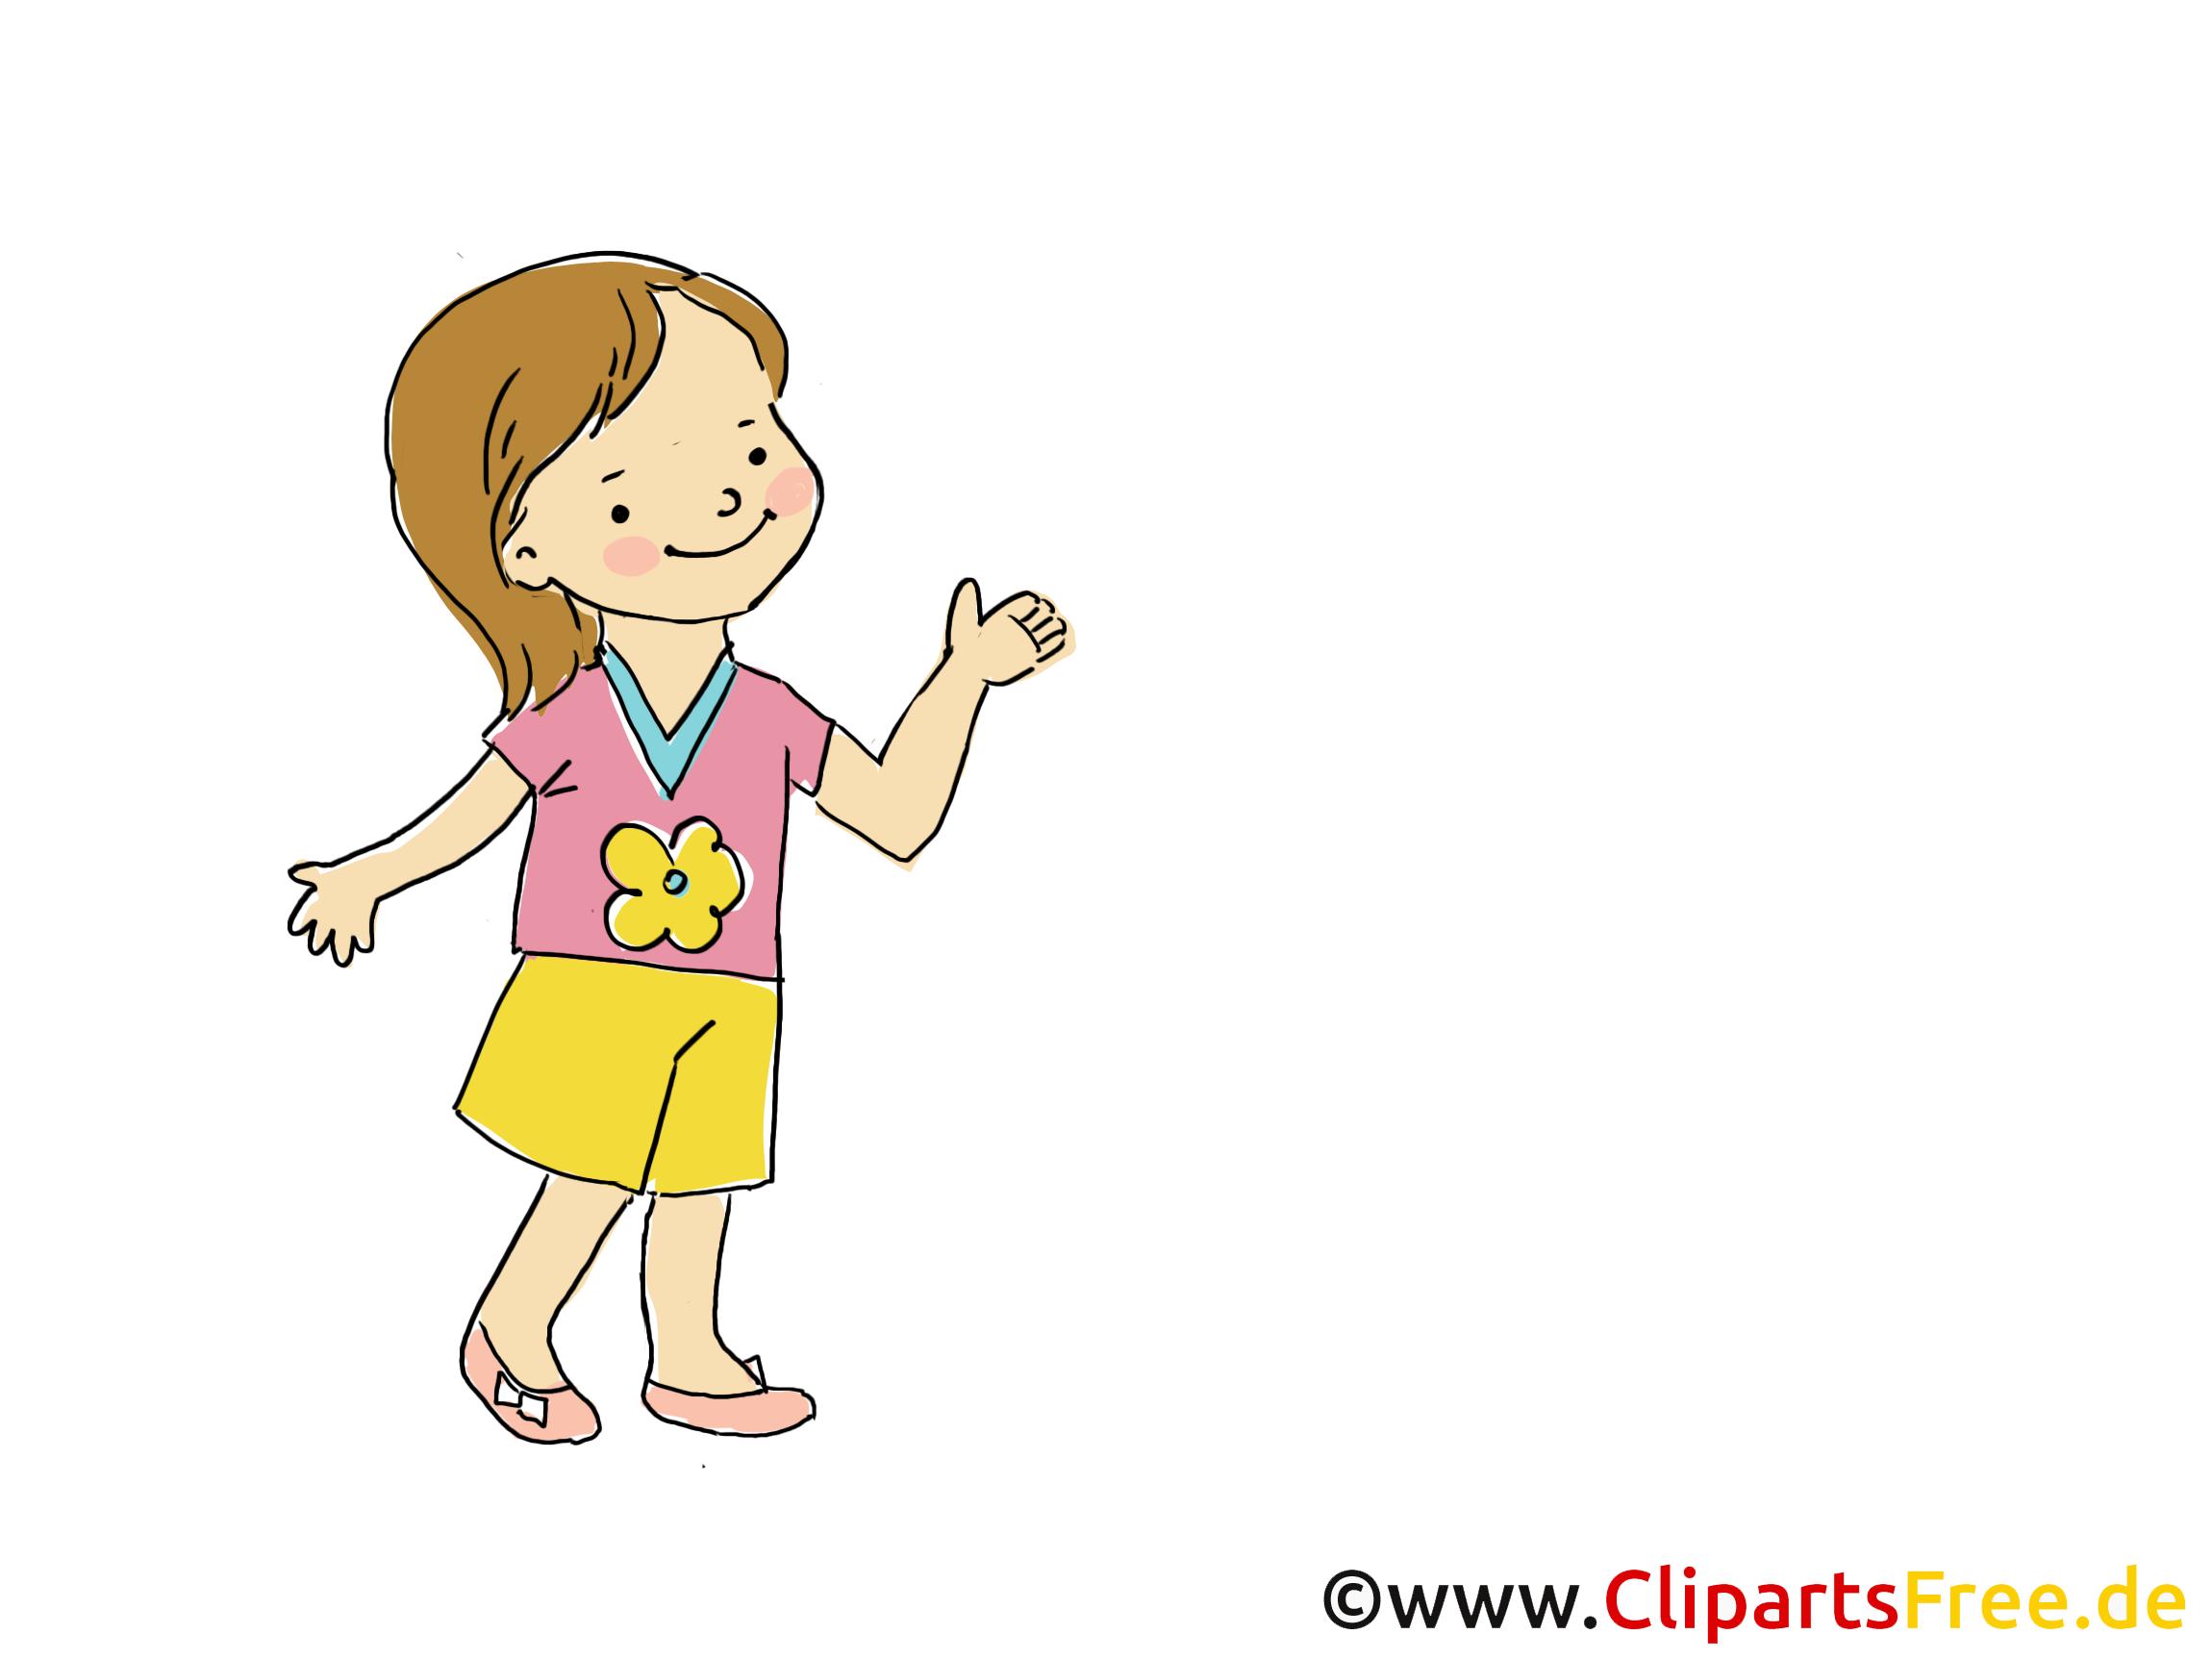 Comic Bilder Weihnachten Kostenlos.Weihnachten Krippe Clipart Kind In Der Zeichnung Bild Clipart Comic